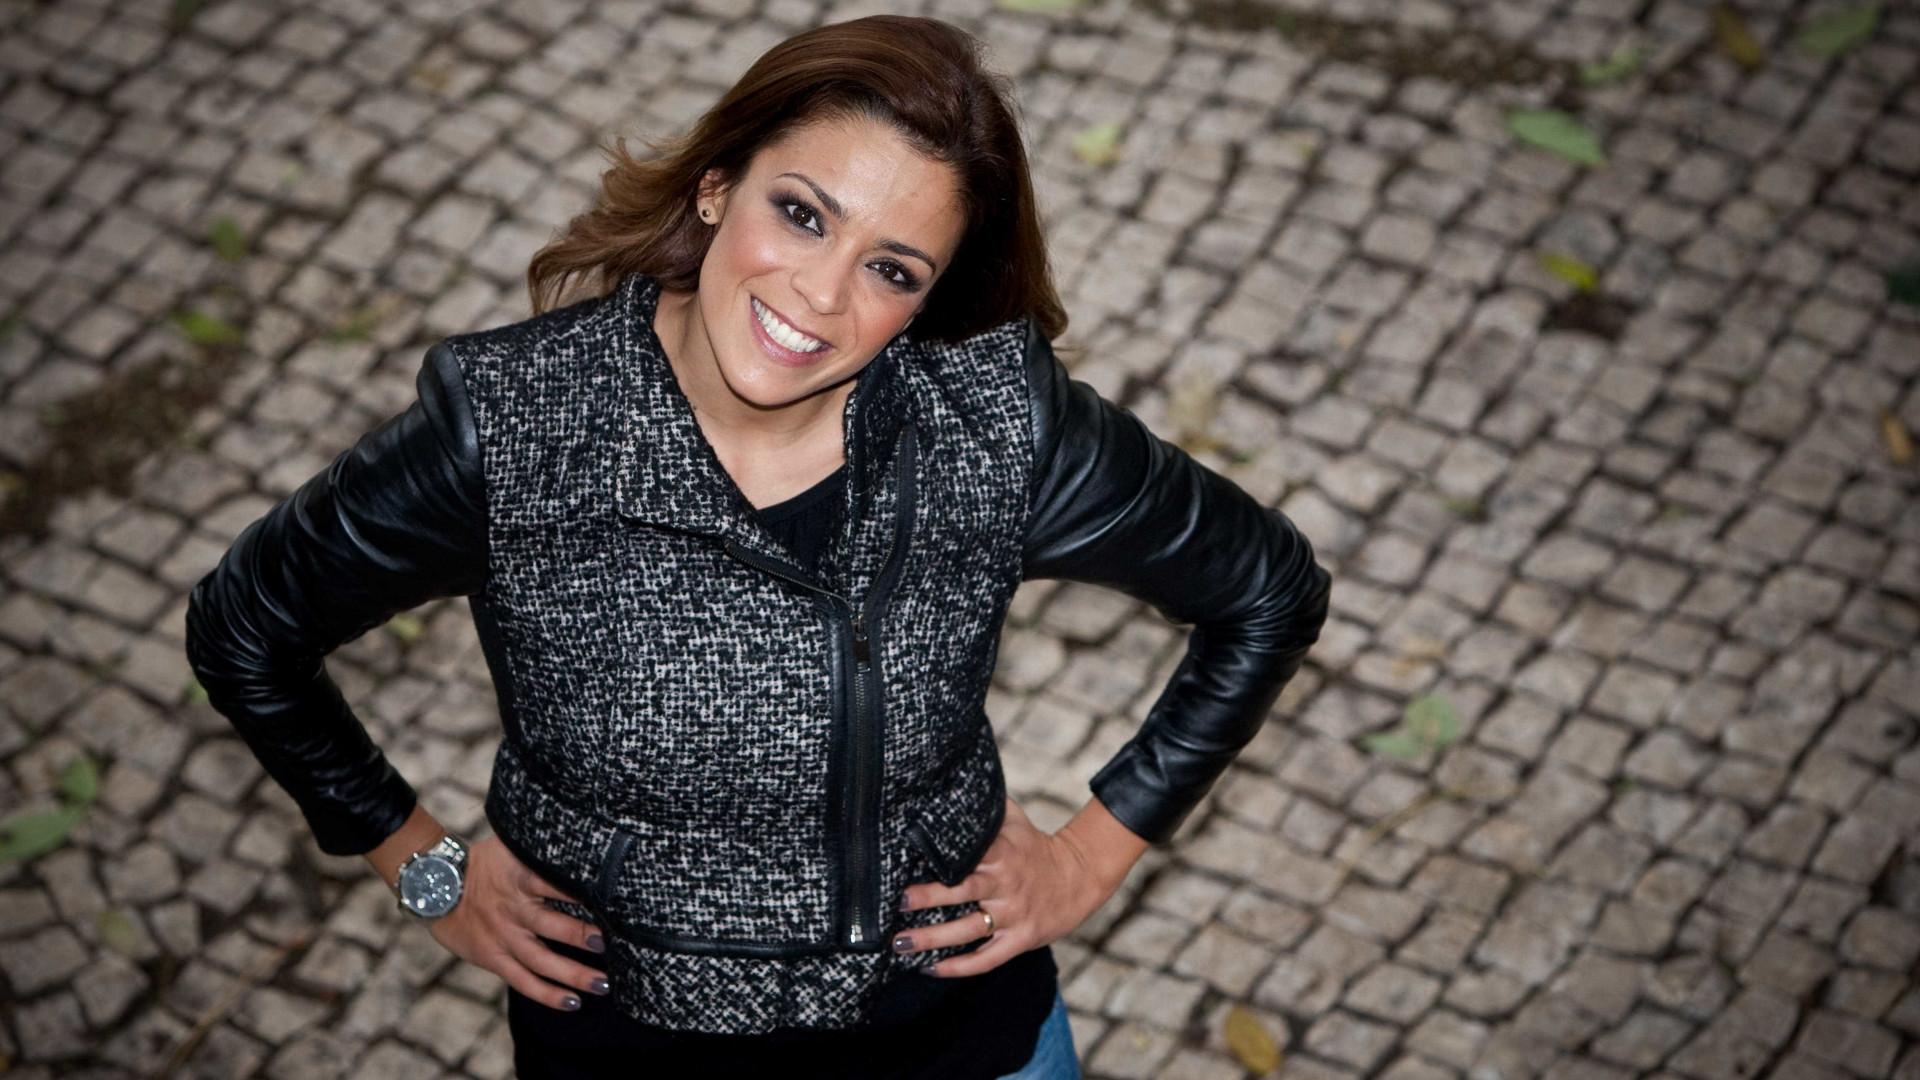 Rita Ferro Rodrigues partilha foto romântica com o companheiro